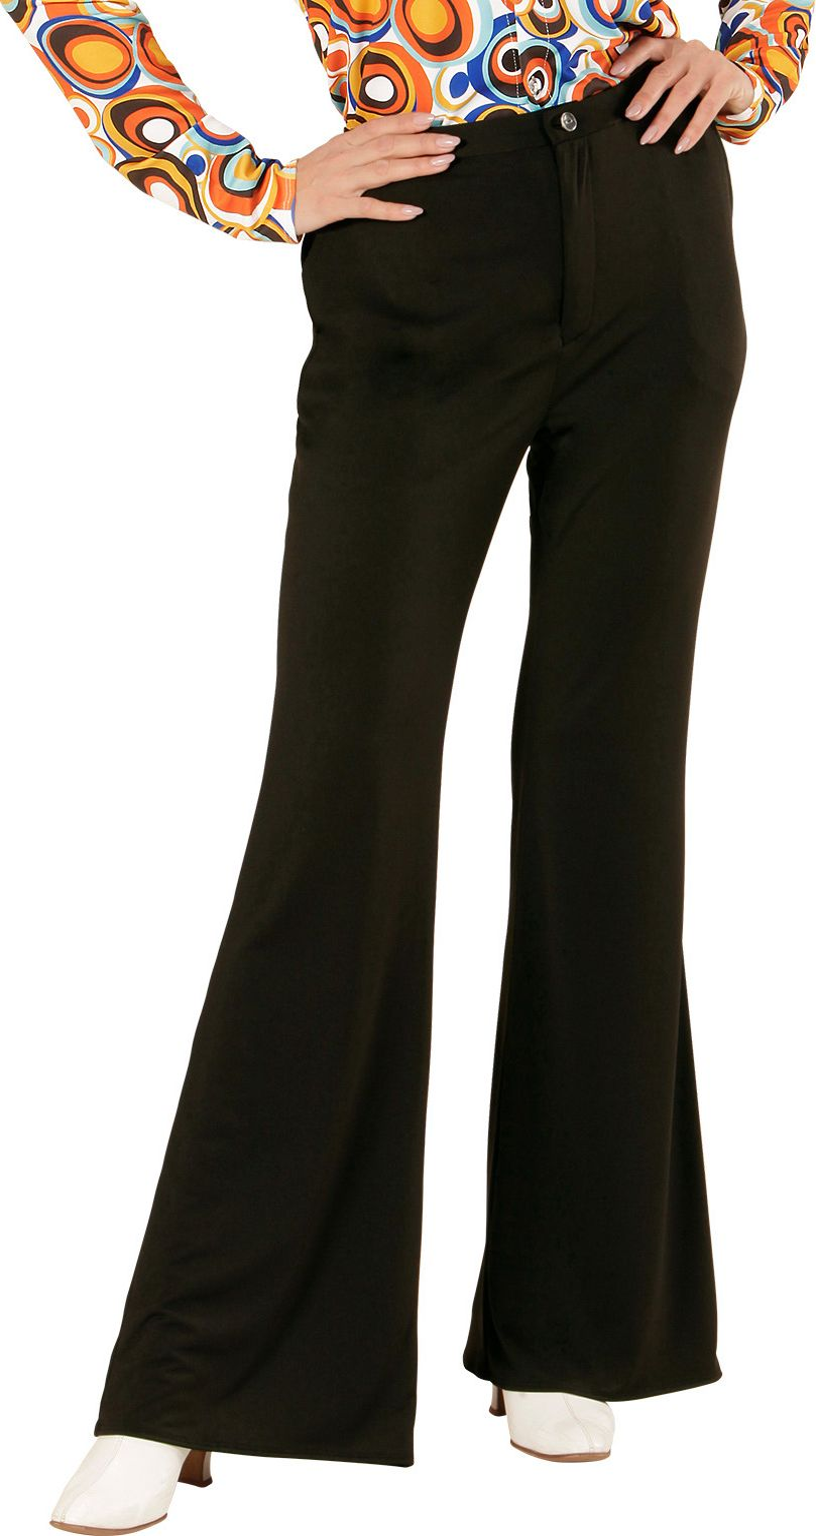 70s broek dames zwart